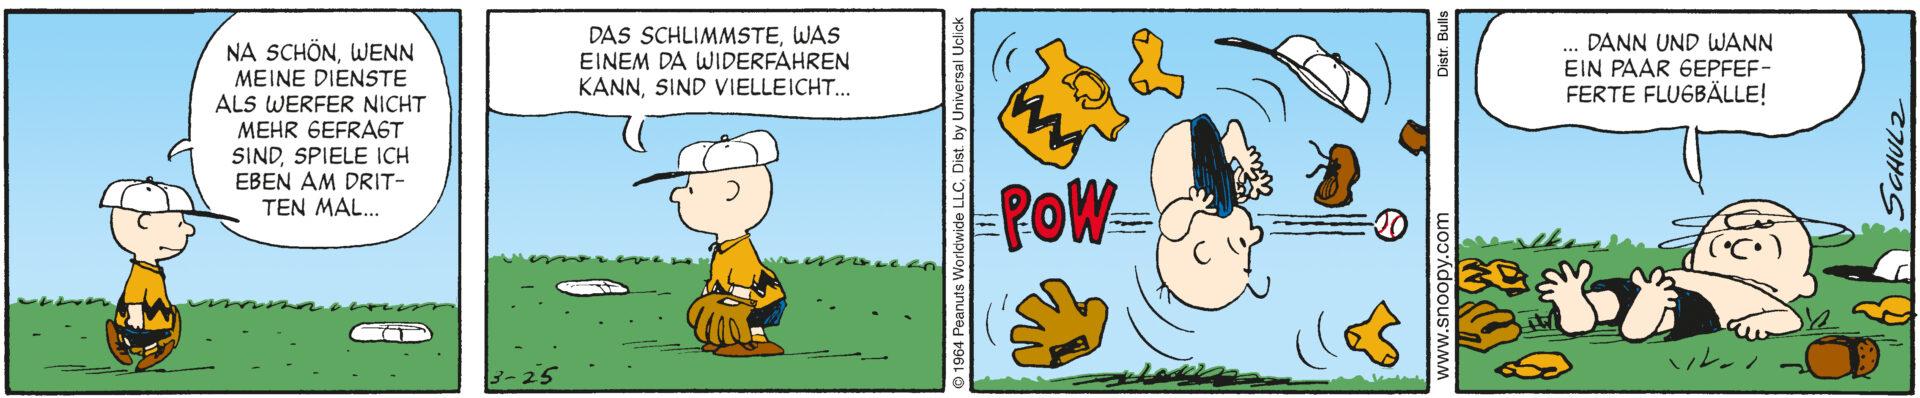 Peanuts d 2011-03-25 F